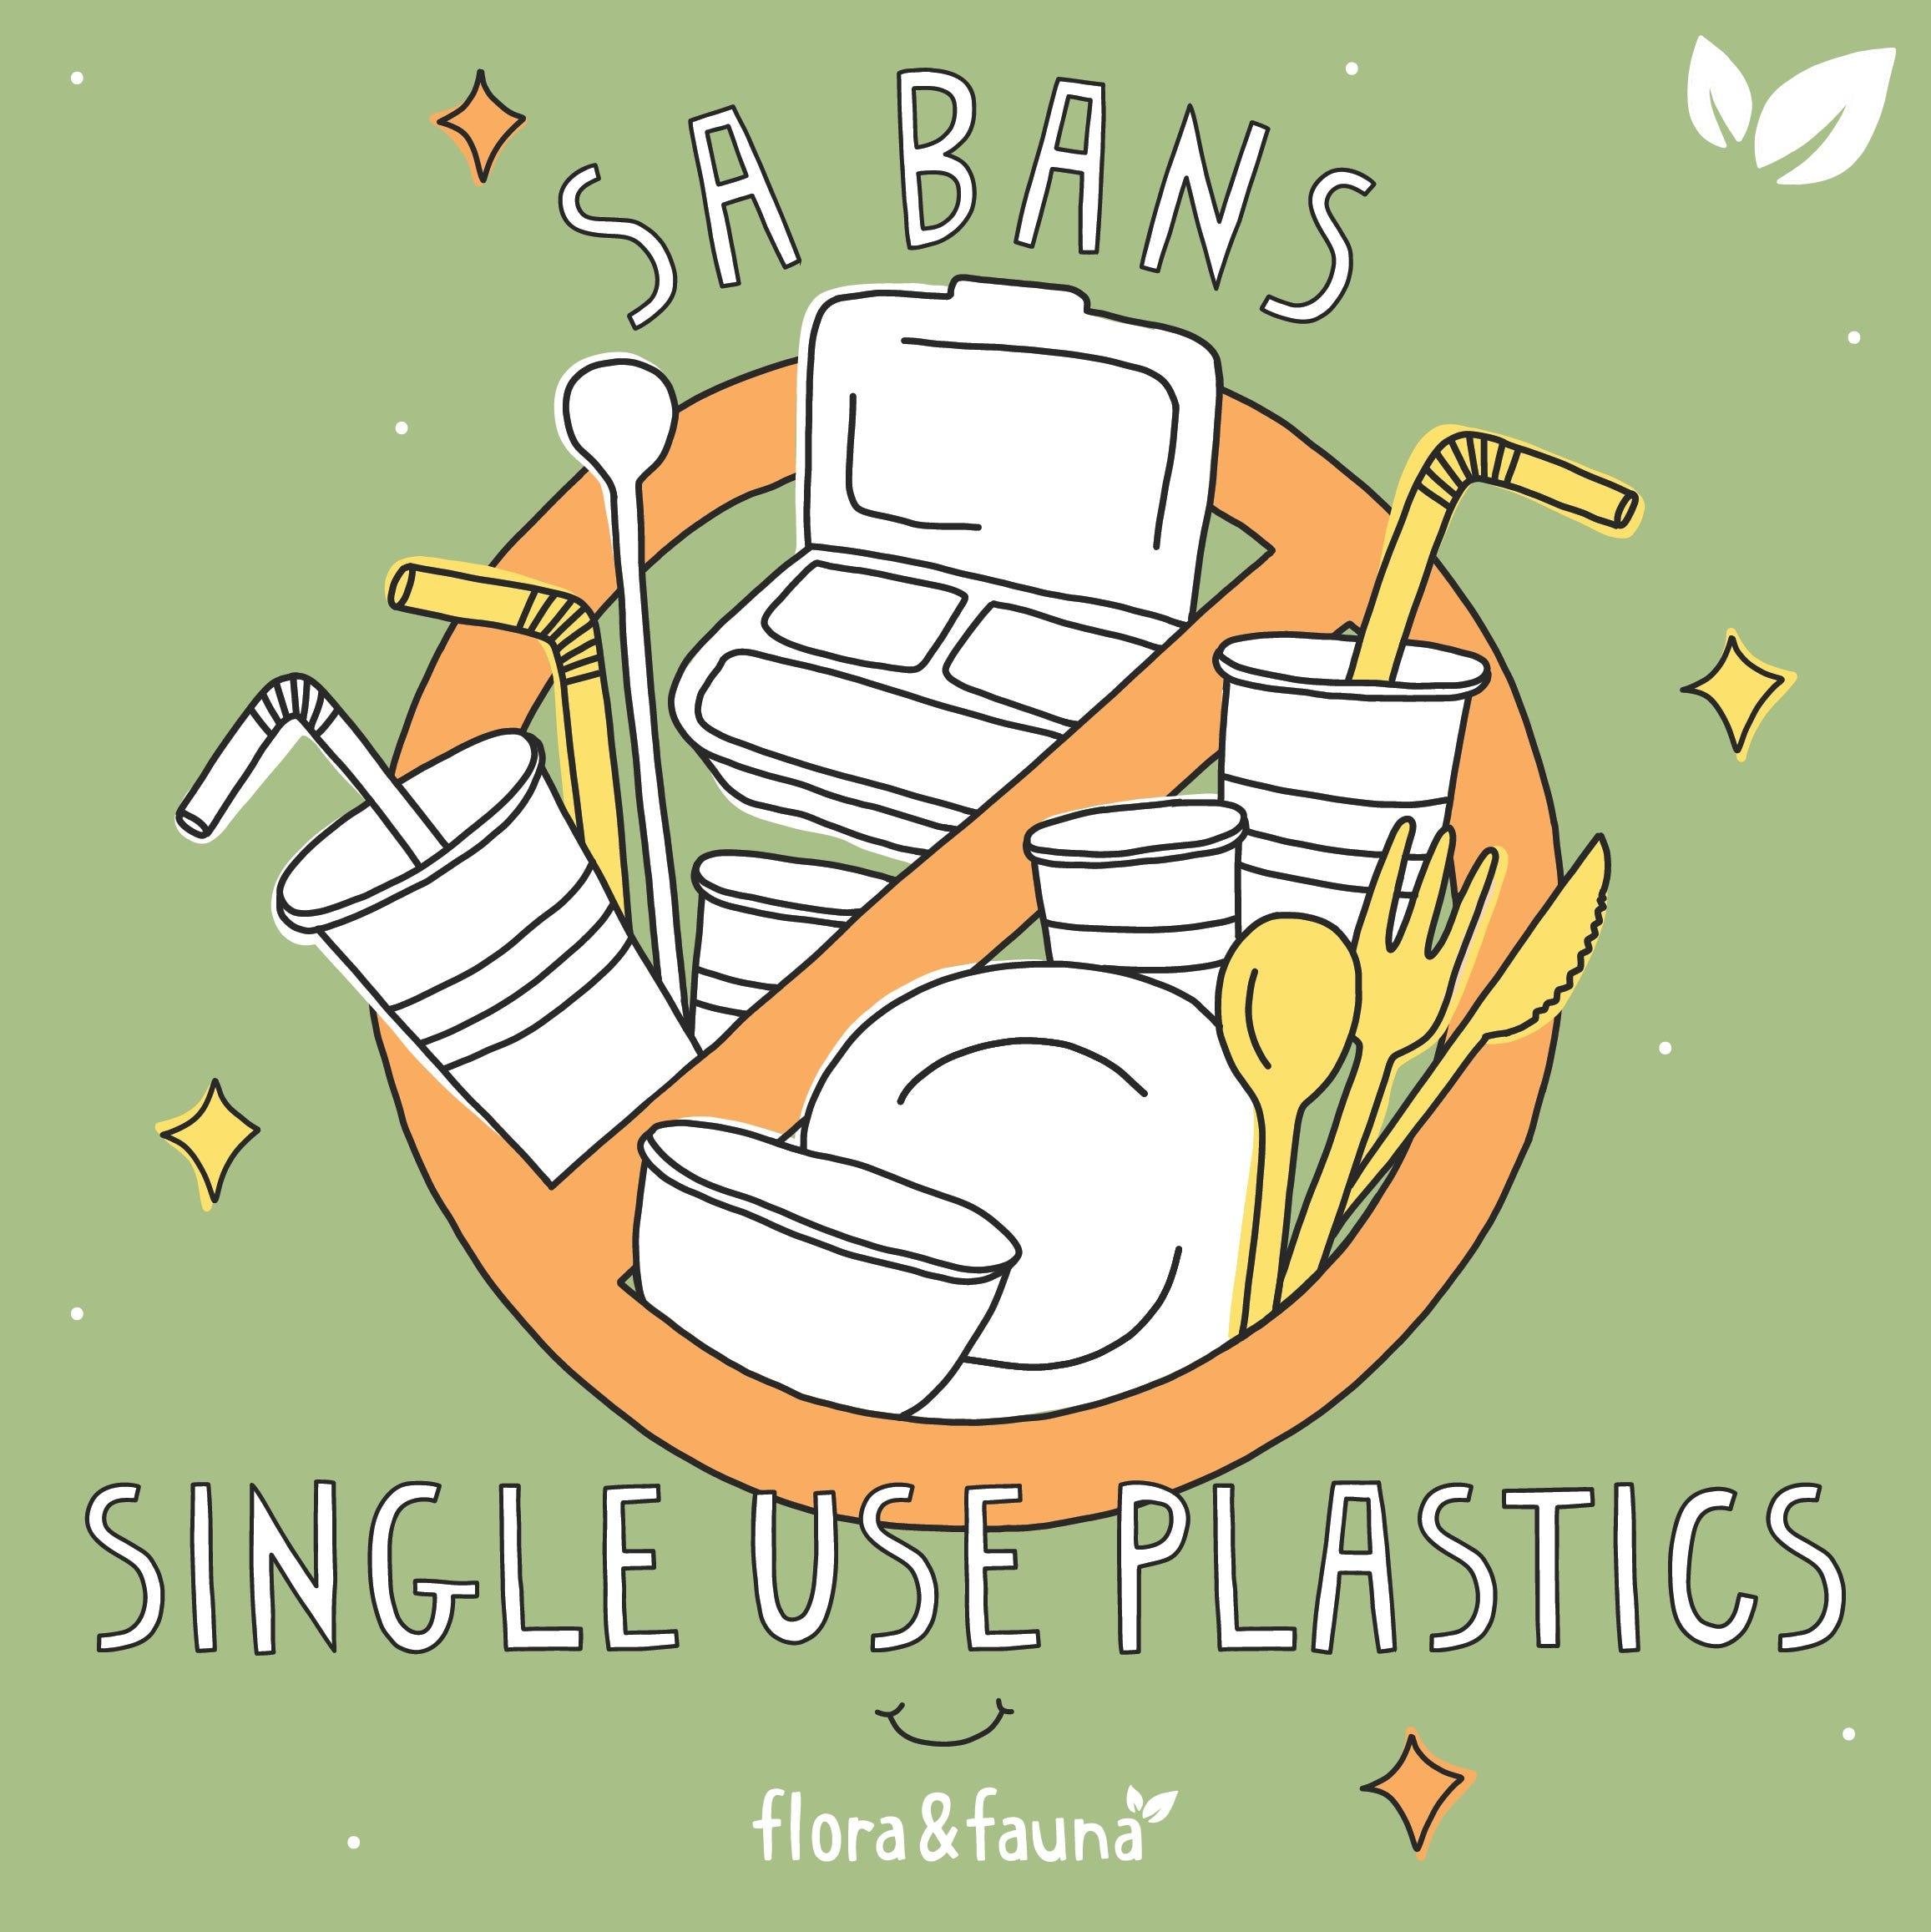 SA bans single use plastic